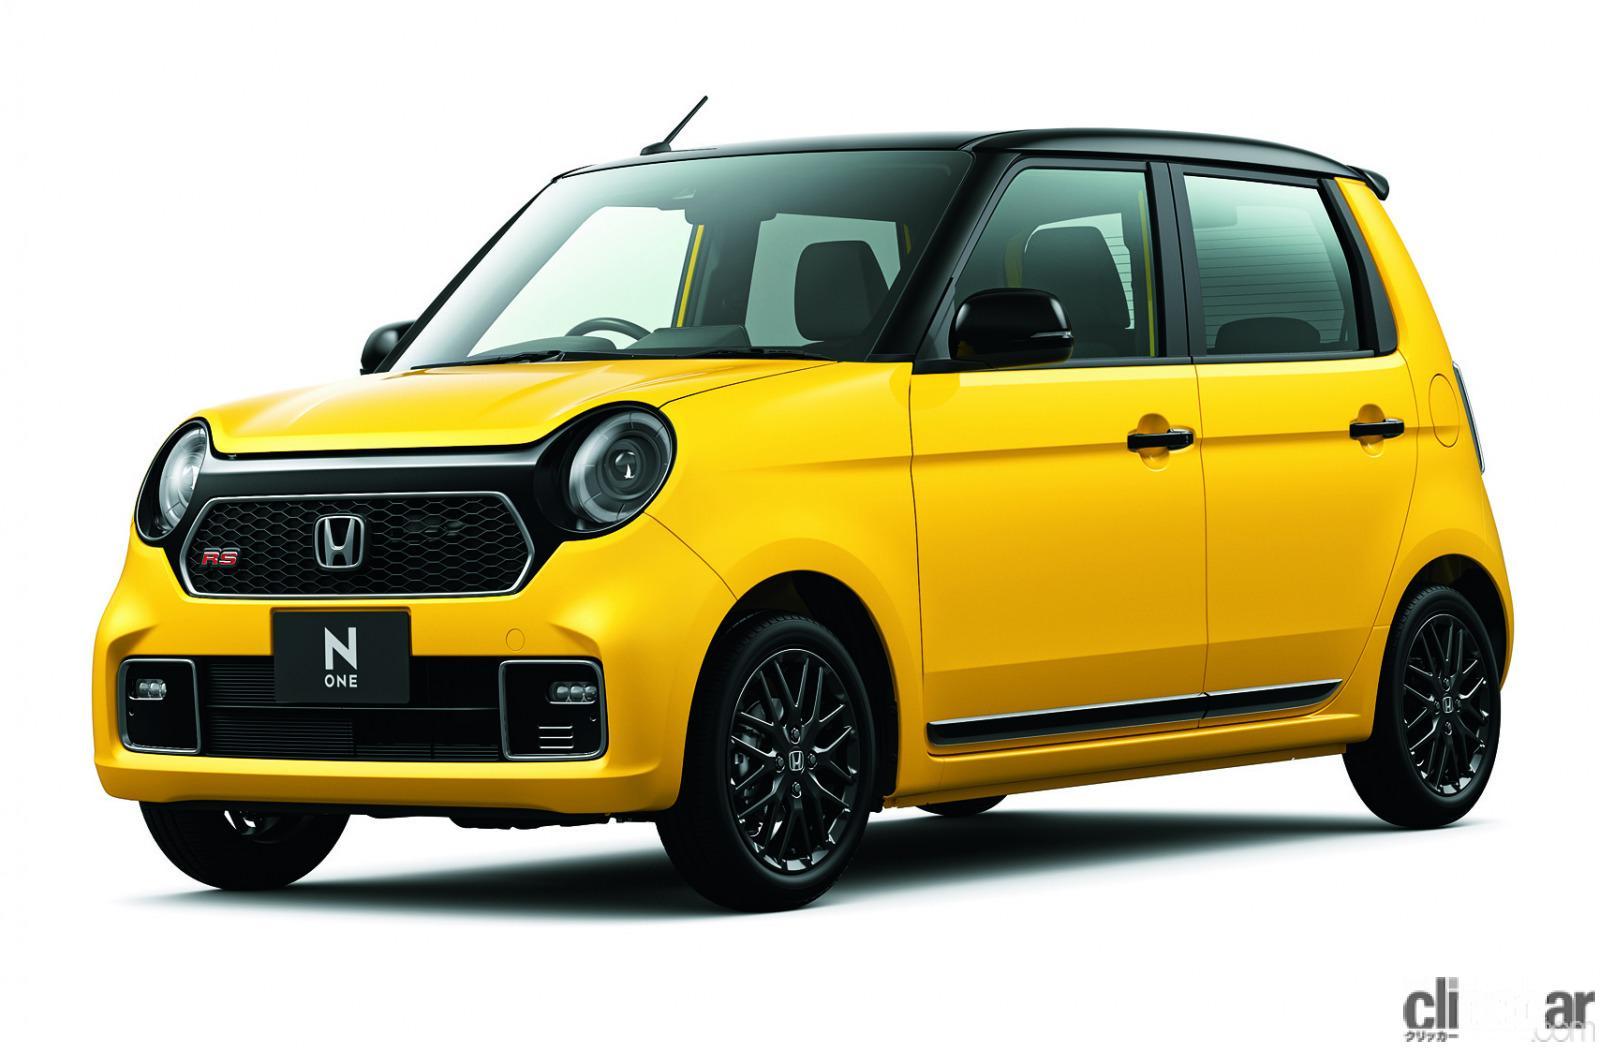 「小さくても運転が楽しい! 新車でマニュアル仕様が買える軽自動車・5選」の1枚目の画像